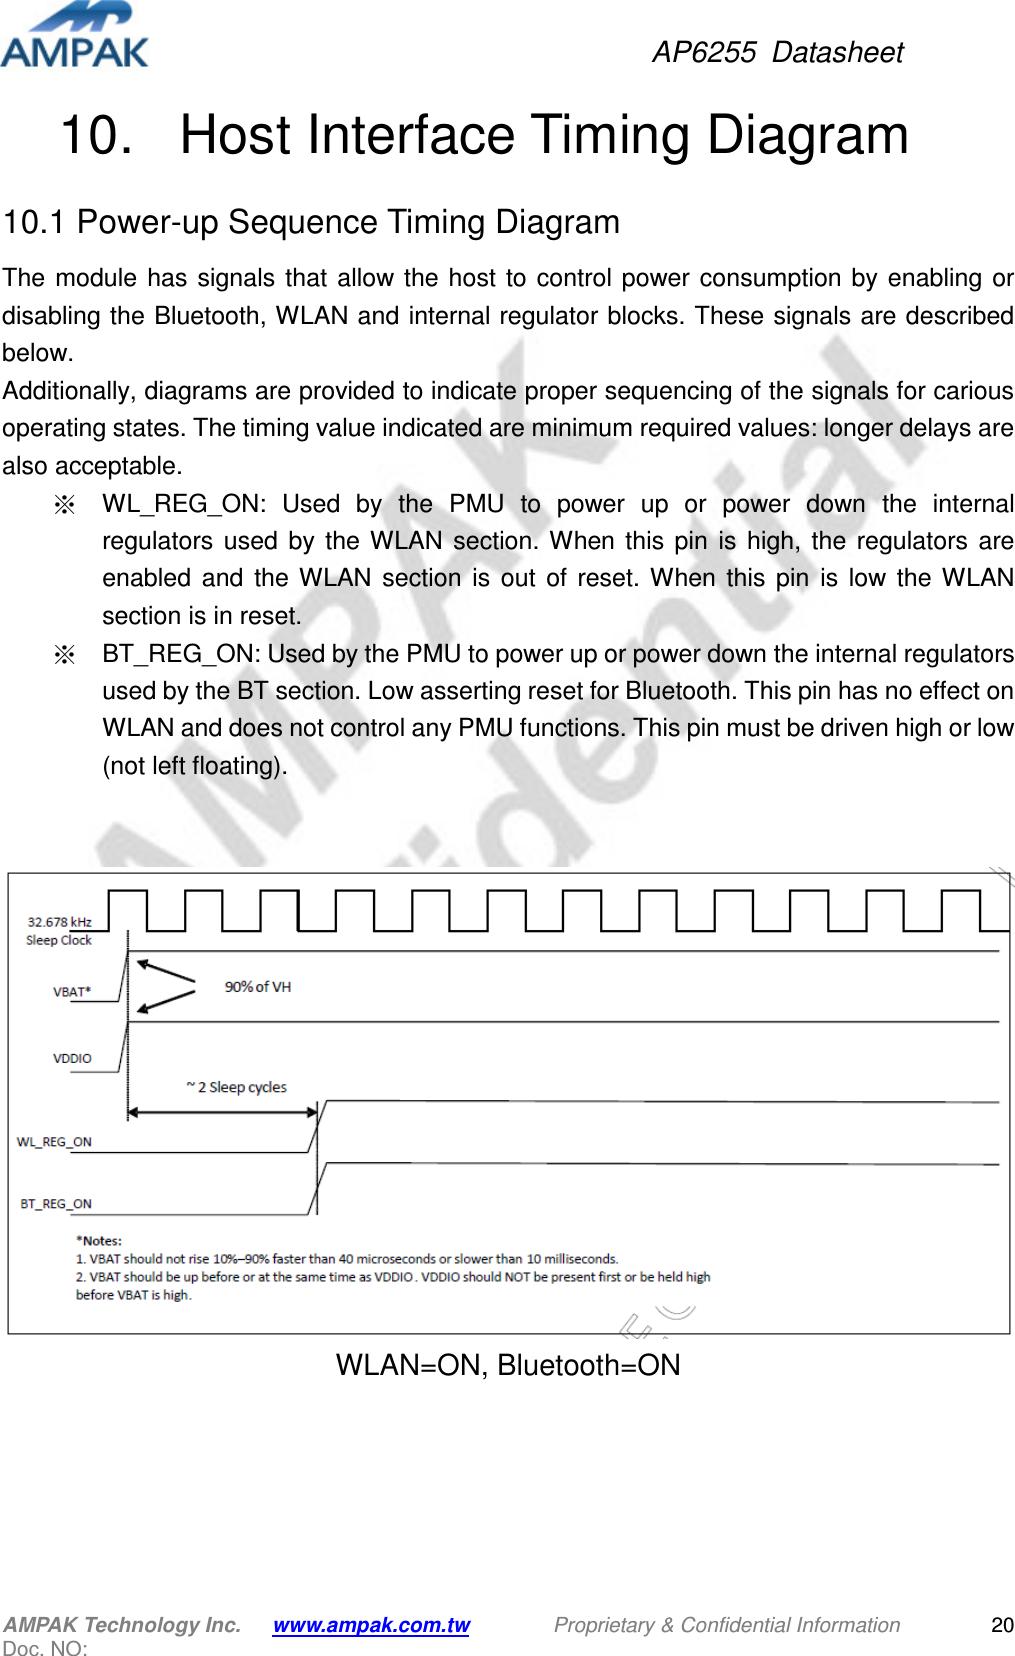 usermanual wiki/Guangzhou-Shirui-Electronics/RK339